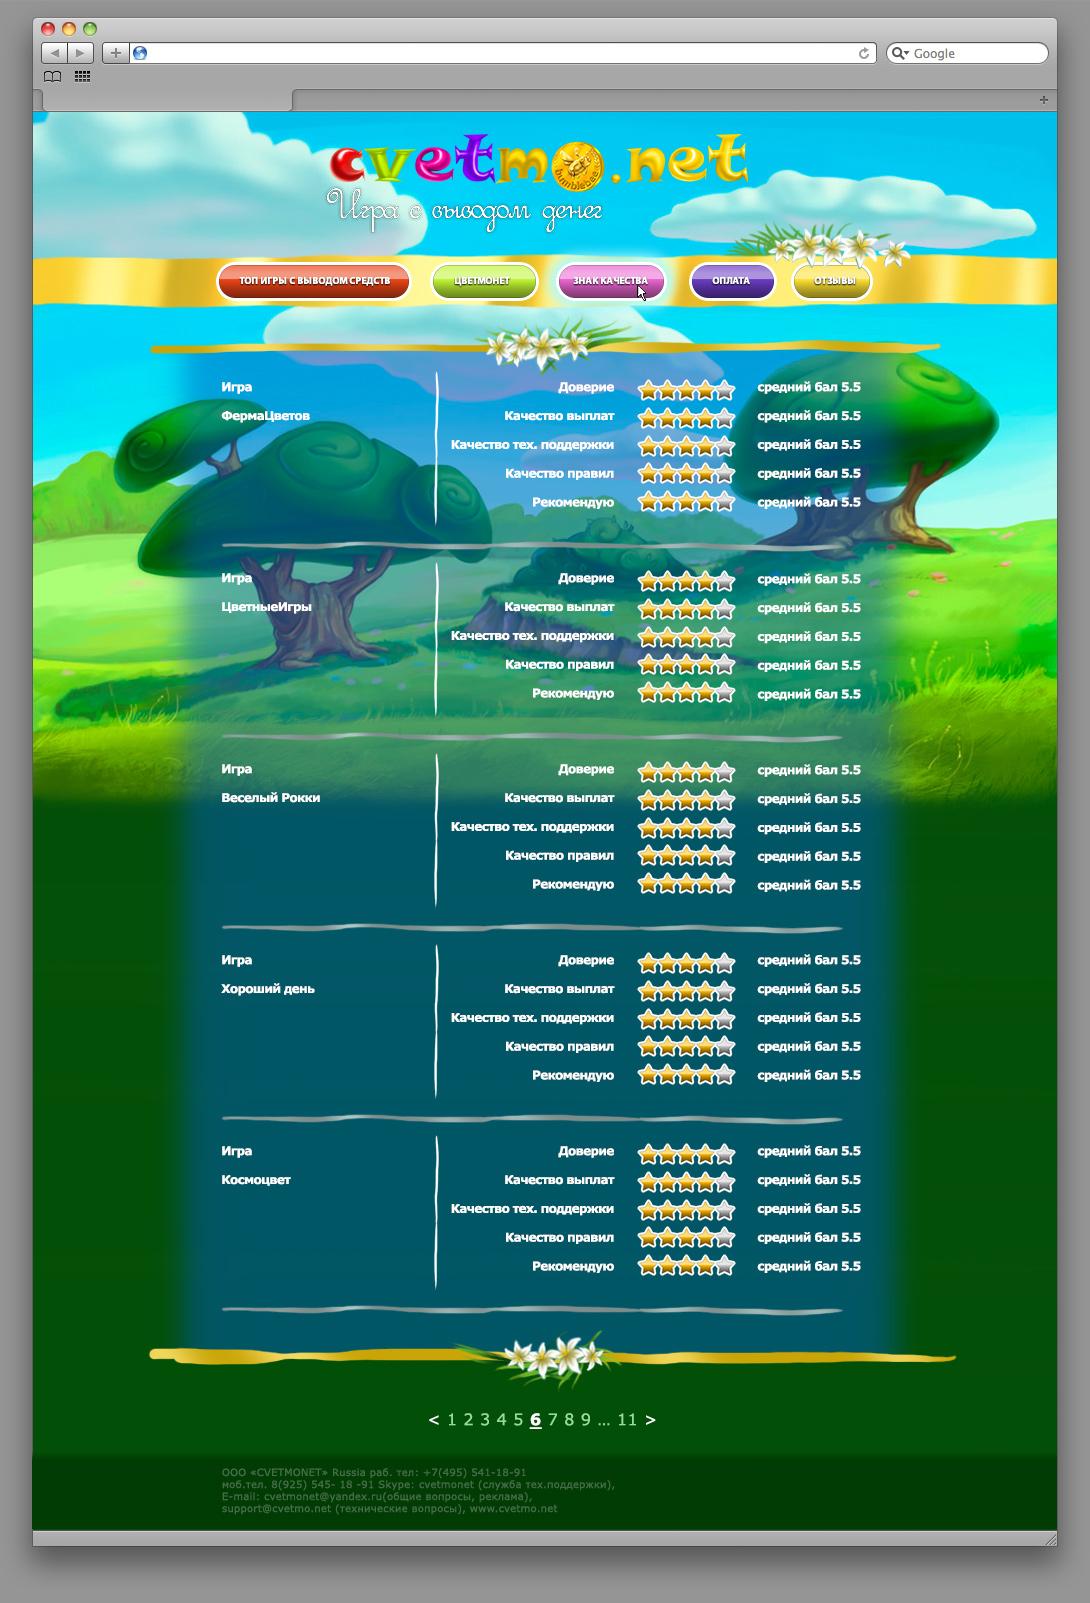 Страница голосования сайта Cvetmo.net